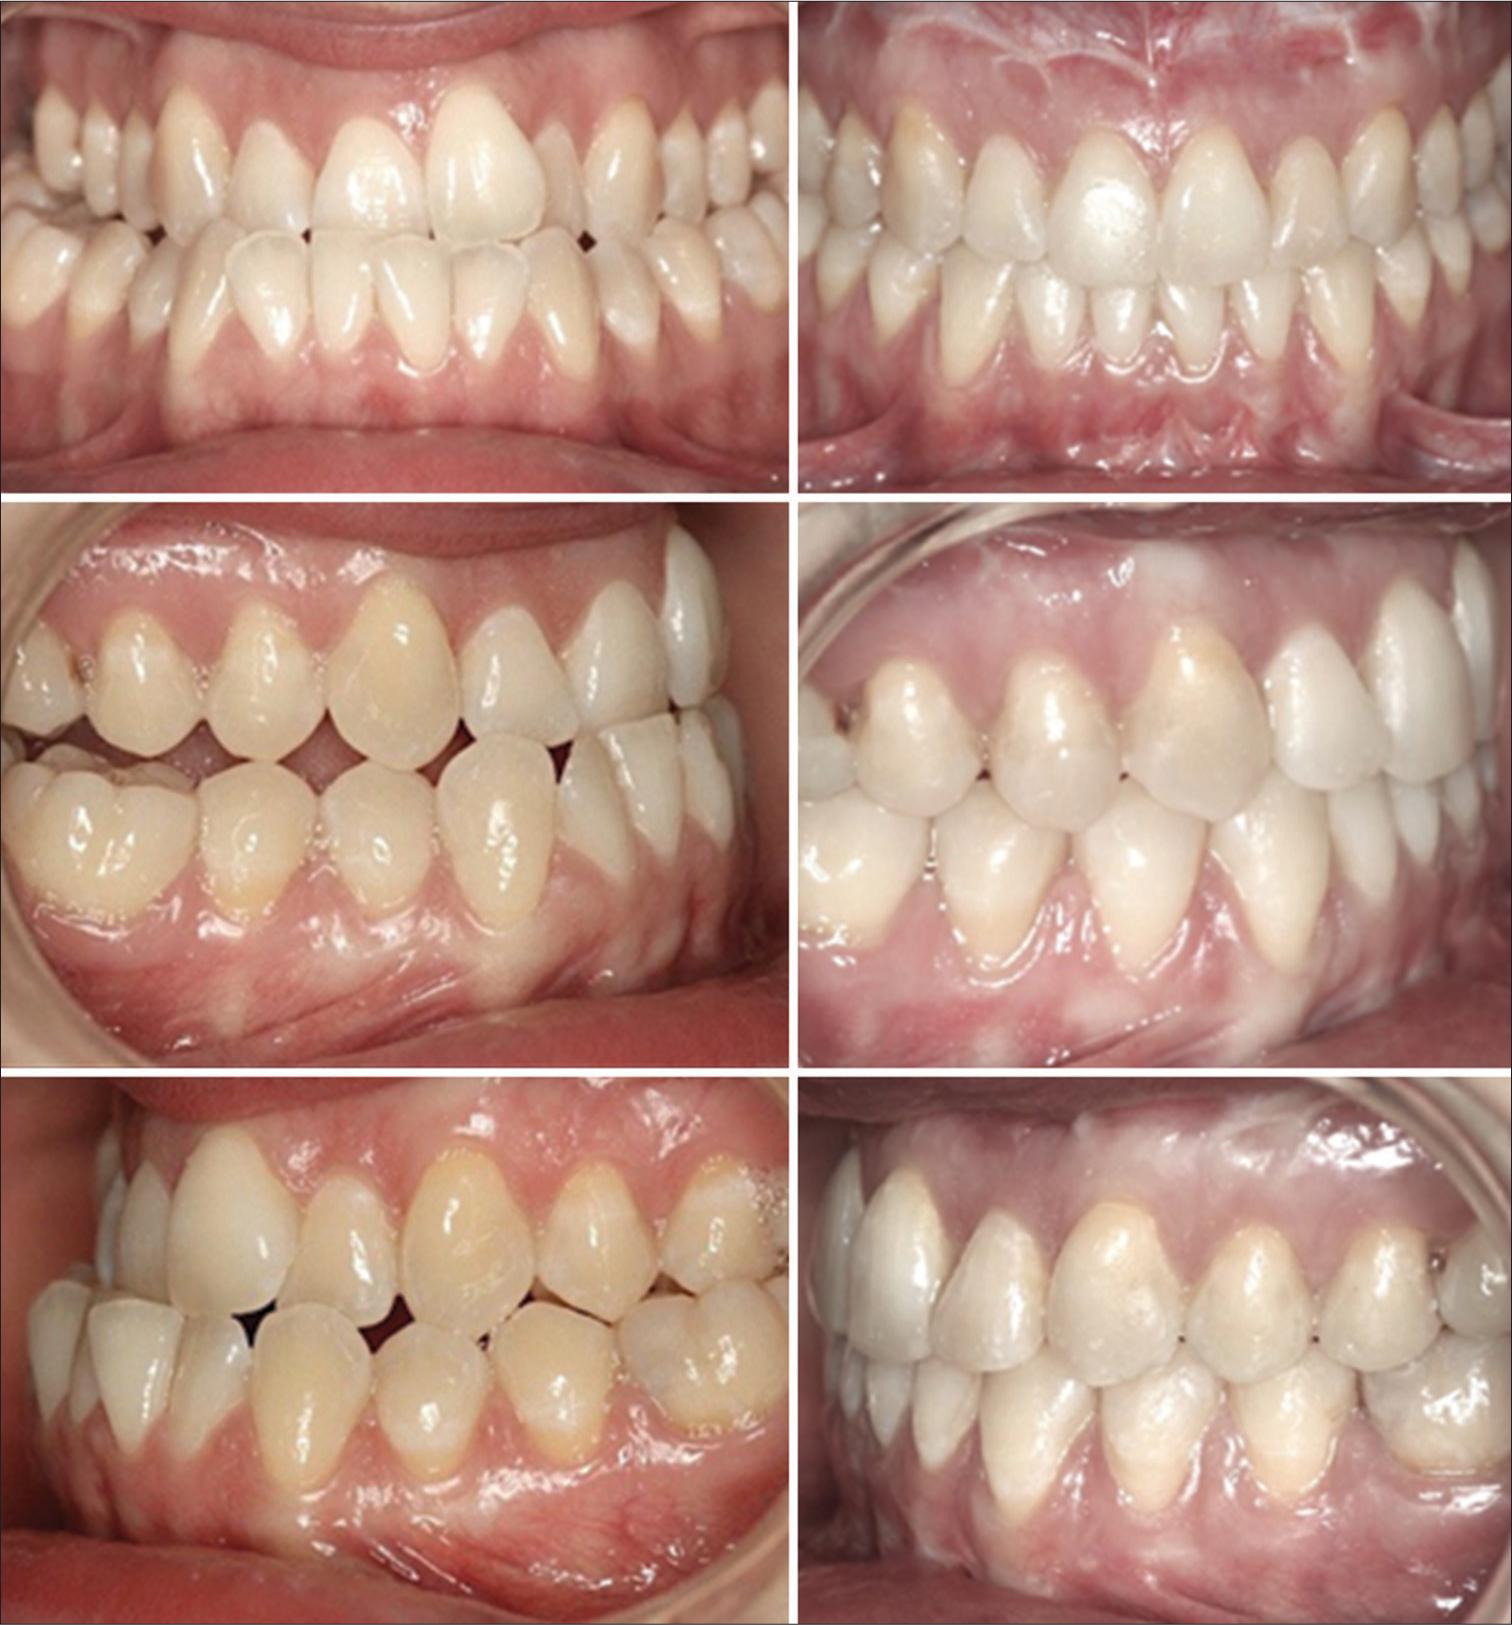 APOS Trends in Orthodontics - Skeletal Class III